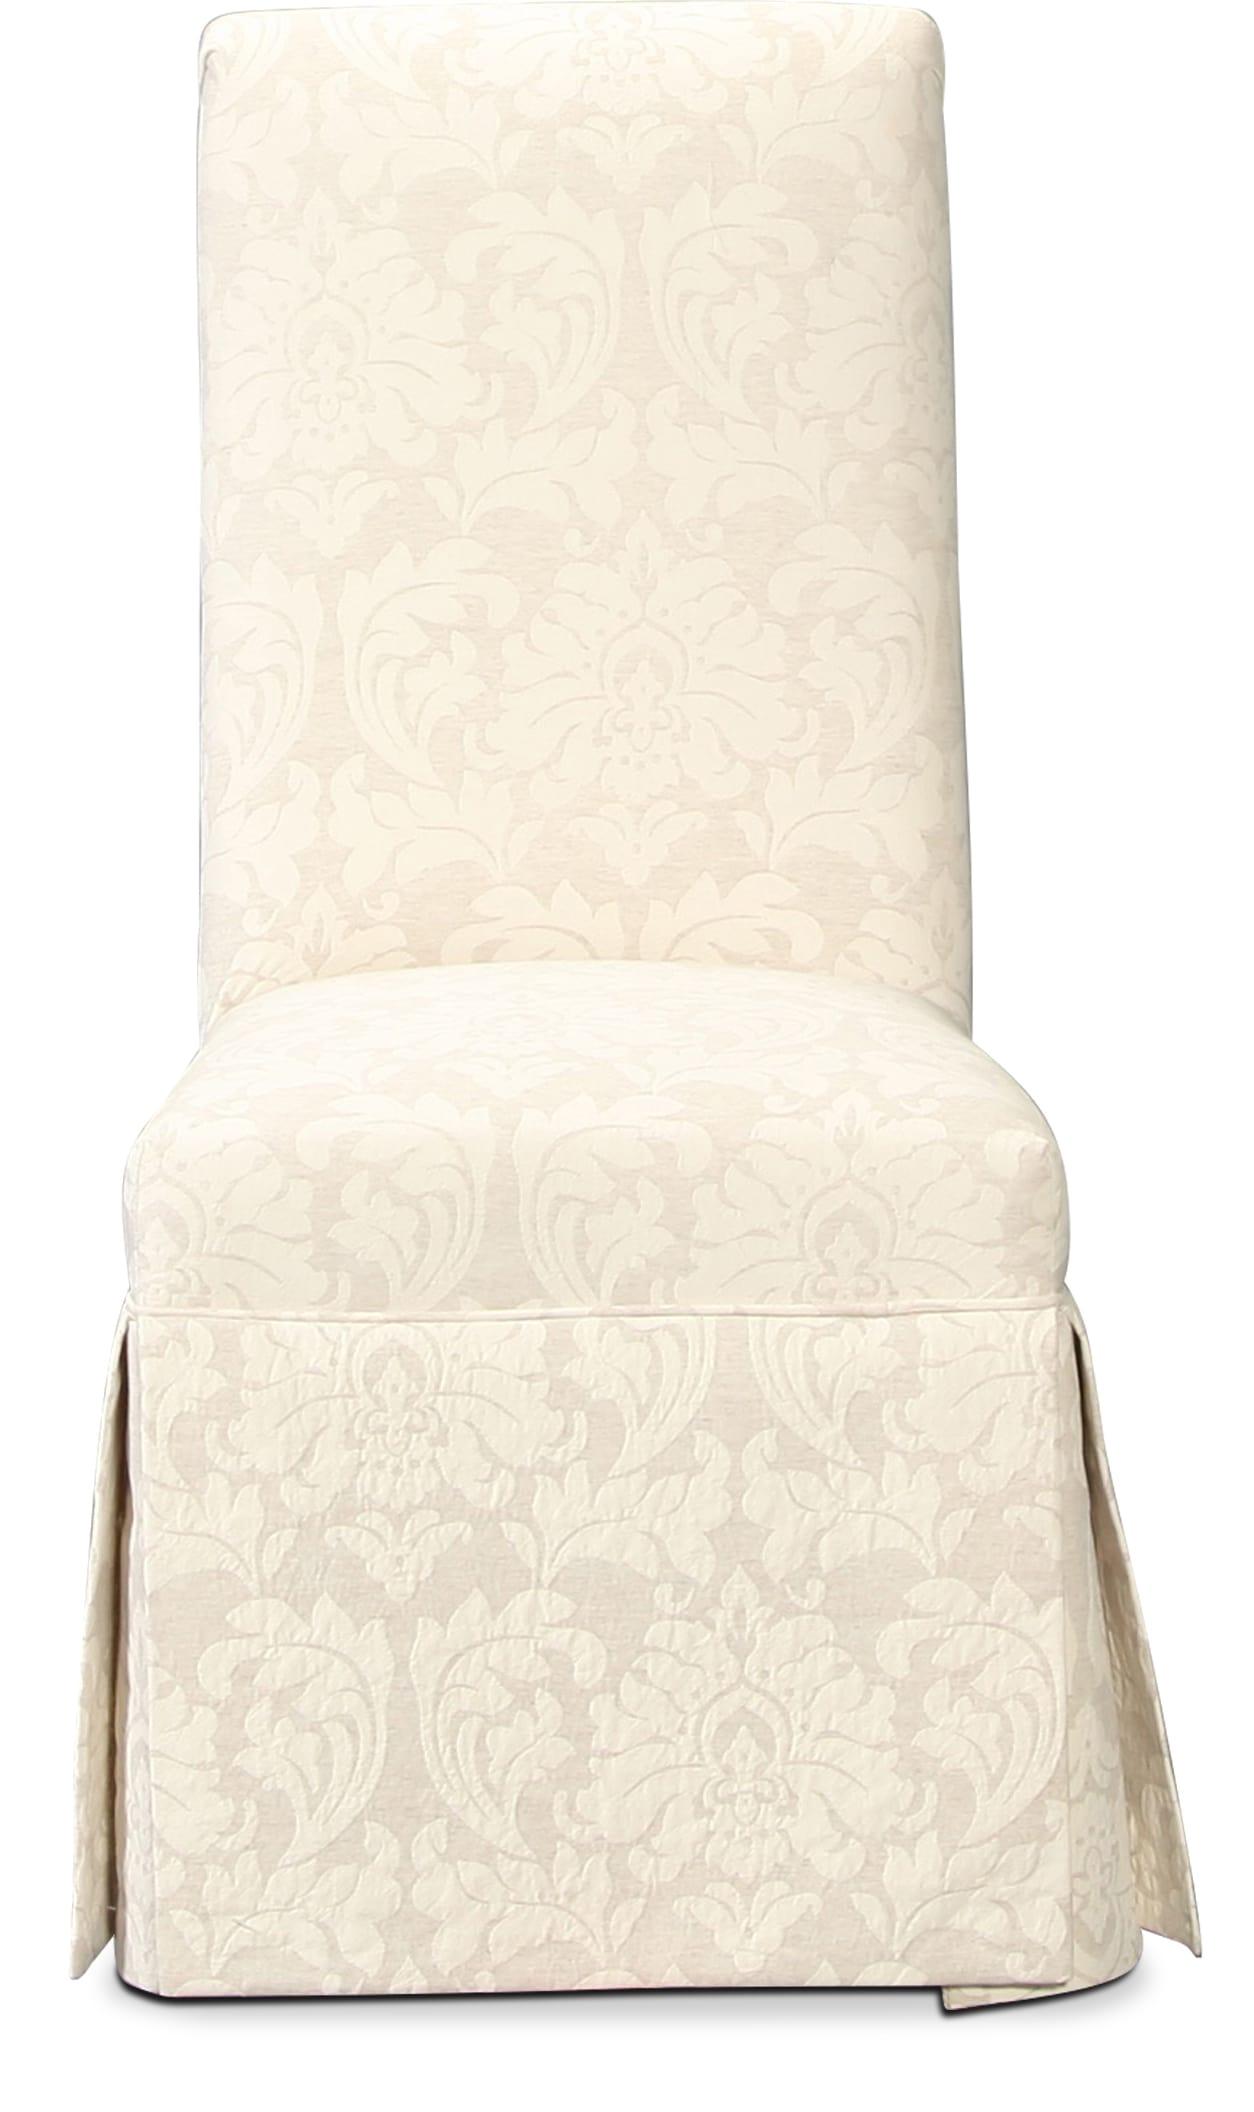 Beri Parson Chair - Cream